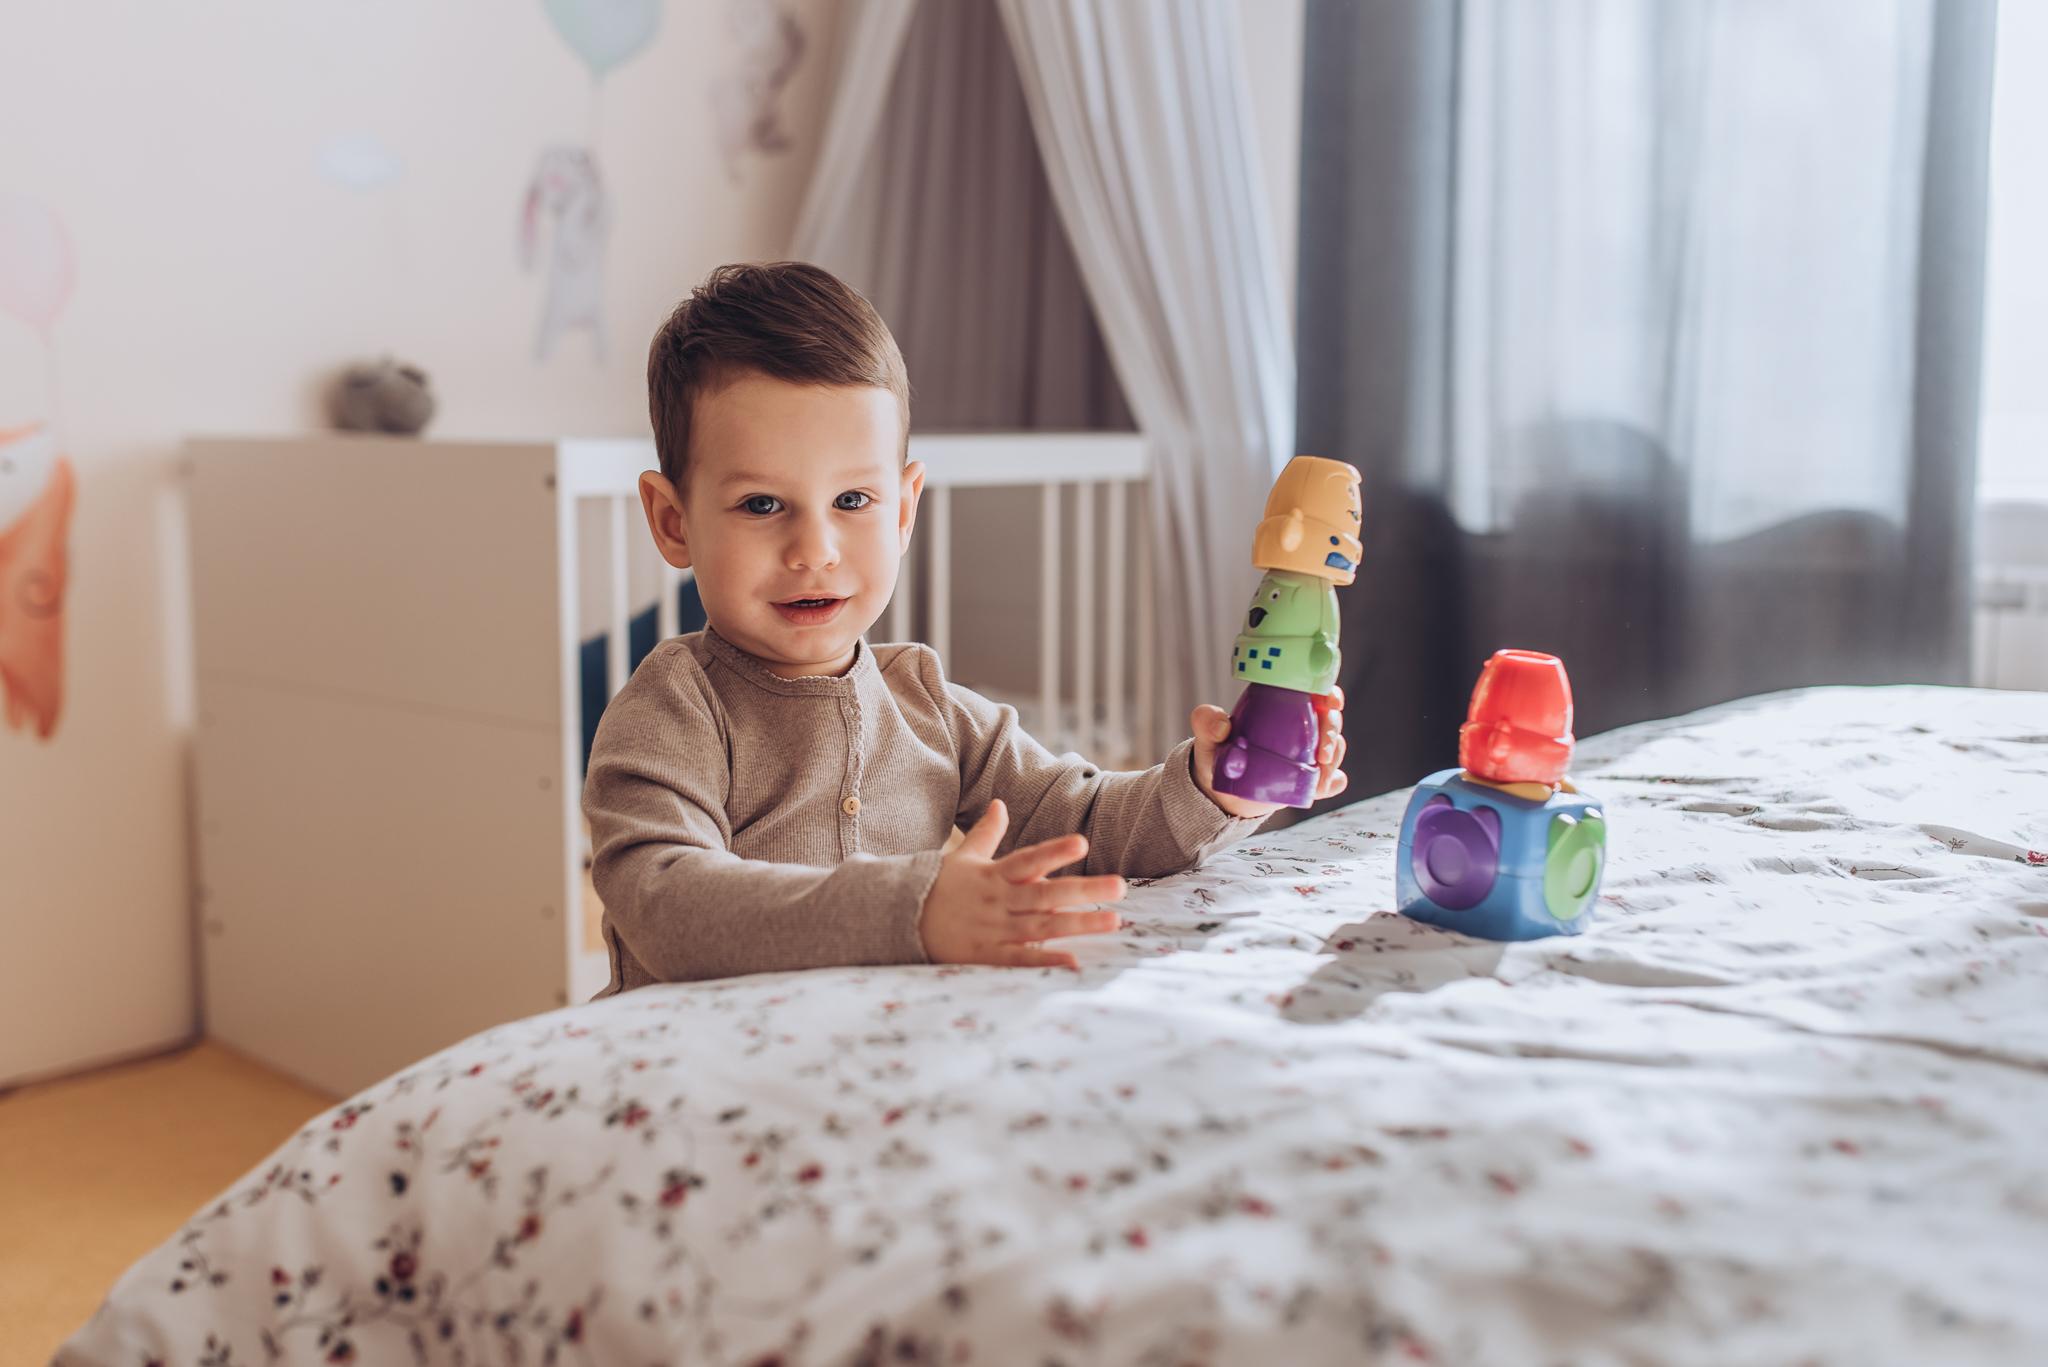 domowe zdjęcia dziecięce warszawa konstancin